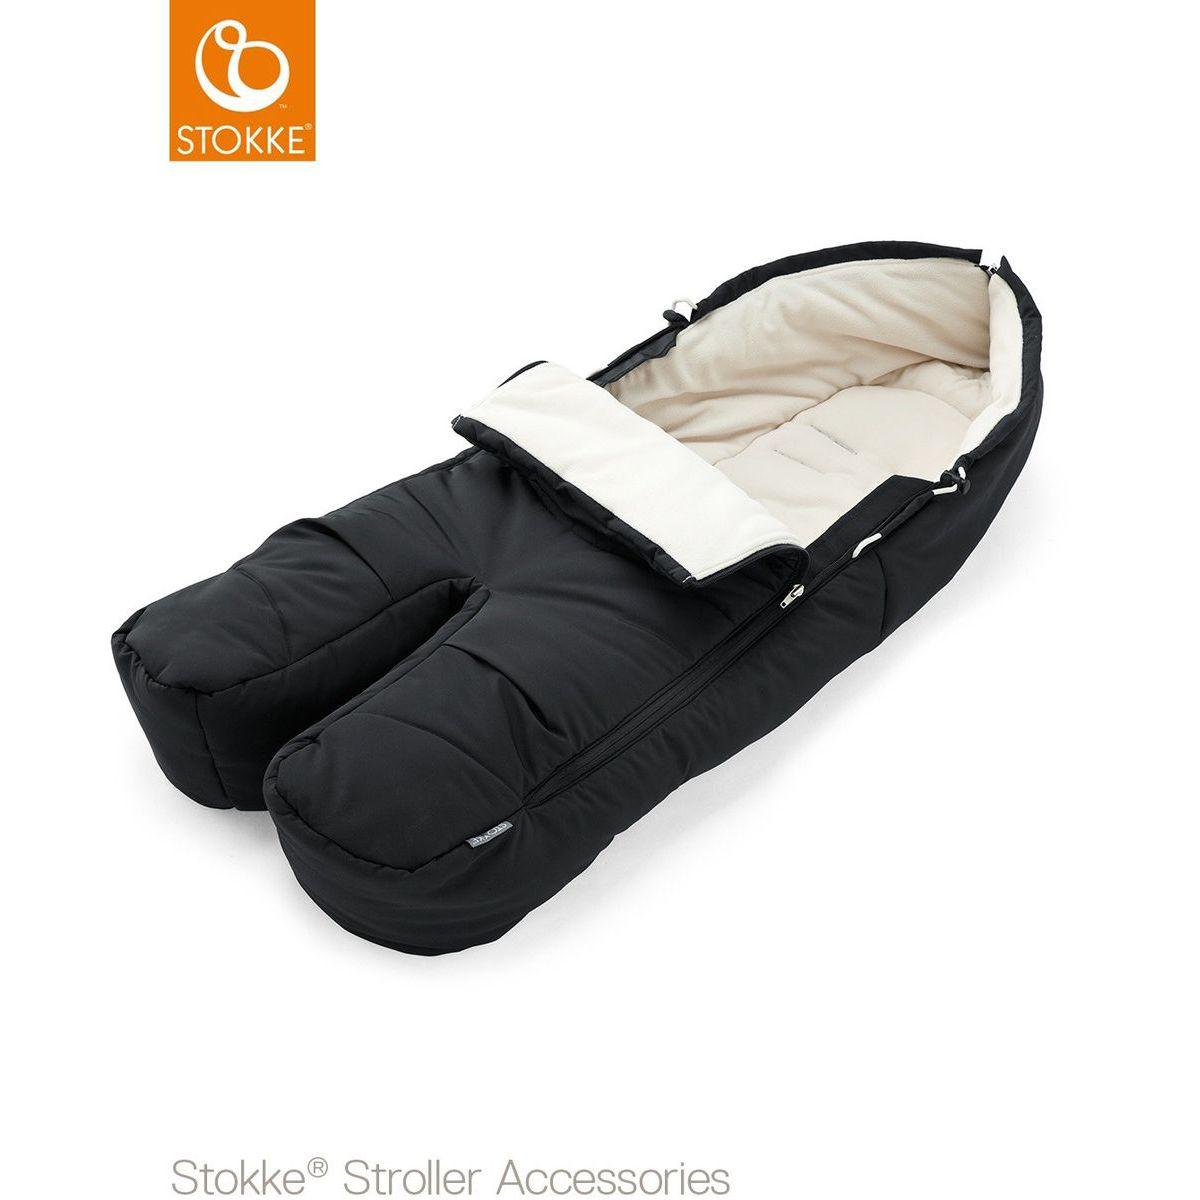 Saco bebé Stokke negro